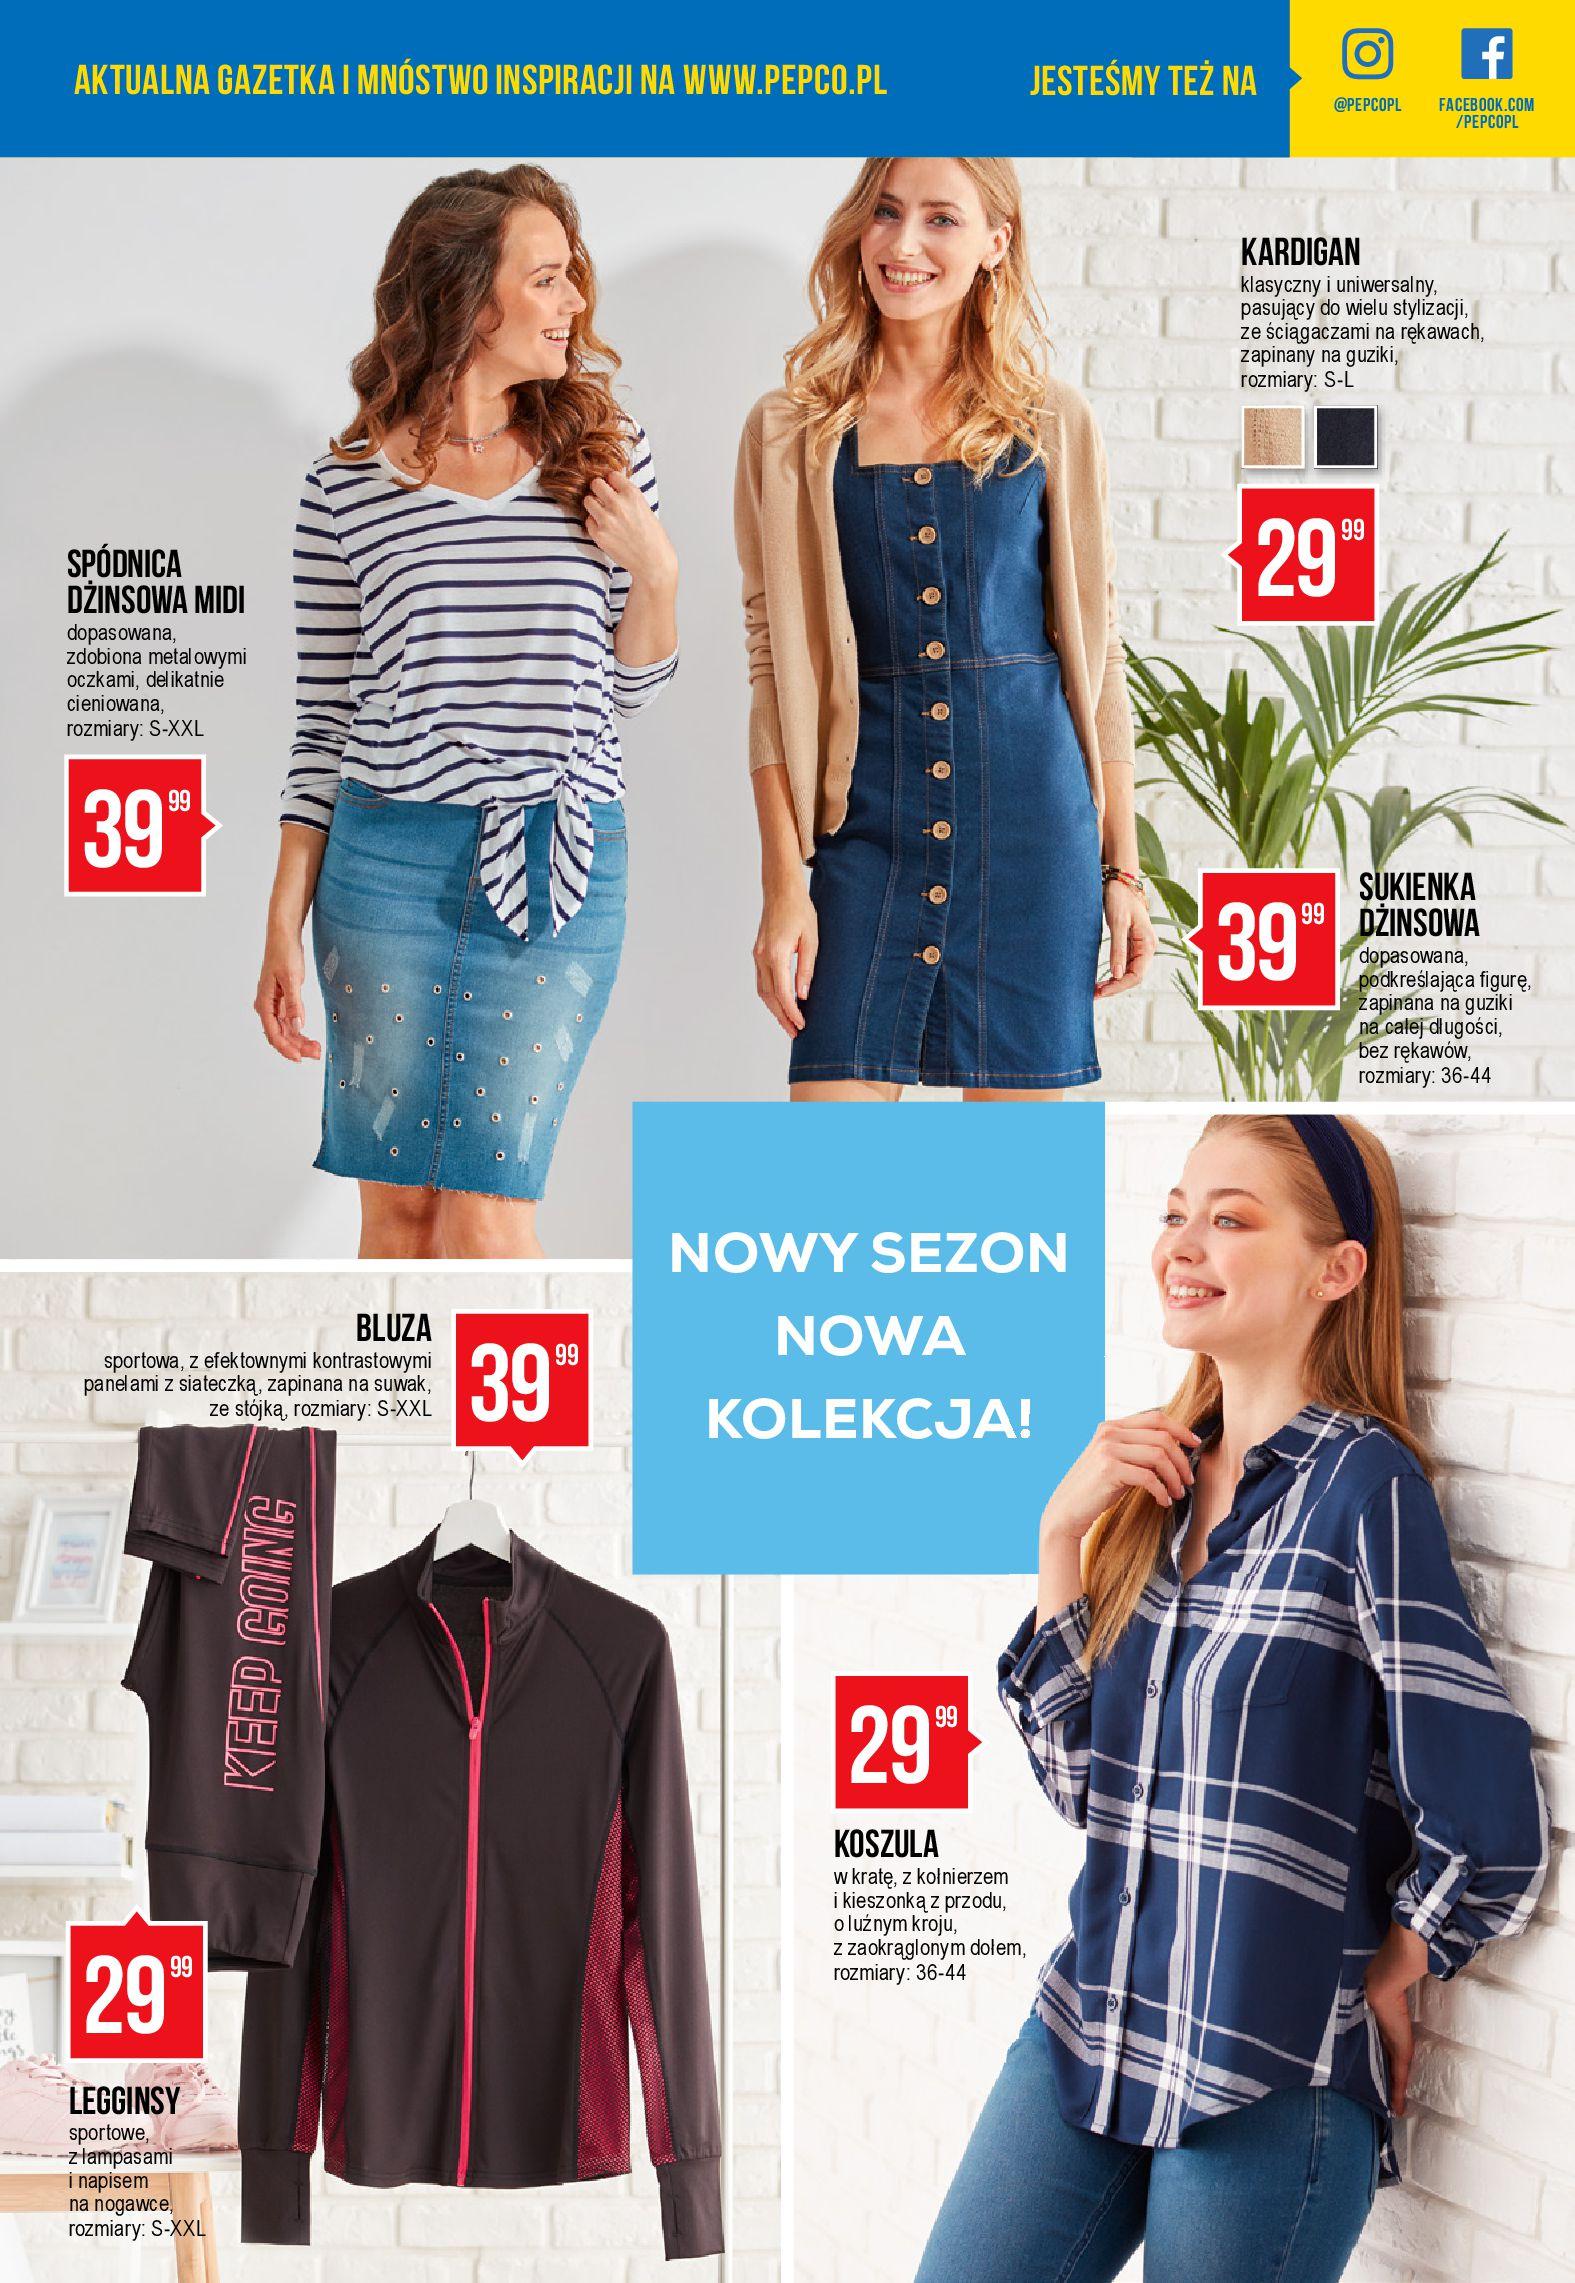 Gazetka Pepco - Oferta promocyjna-28.08.2019-11.09.2019-page-